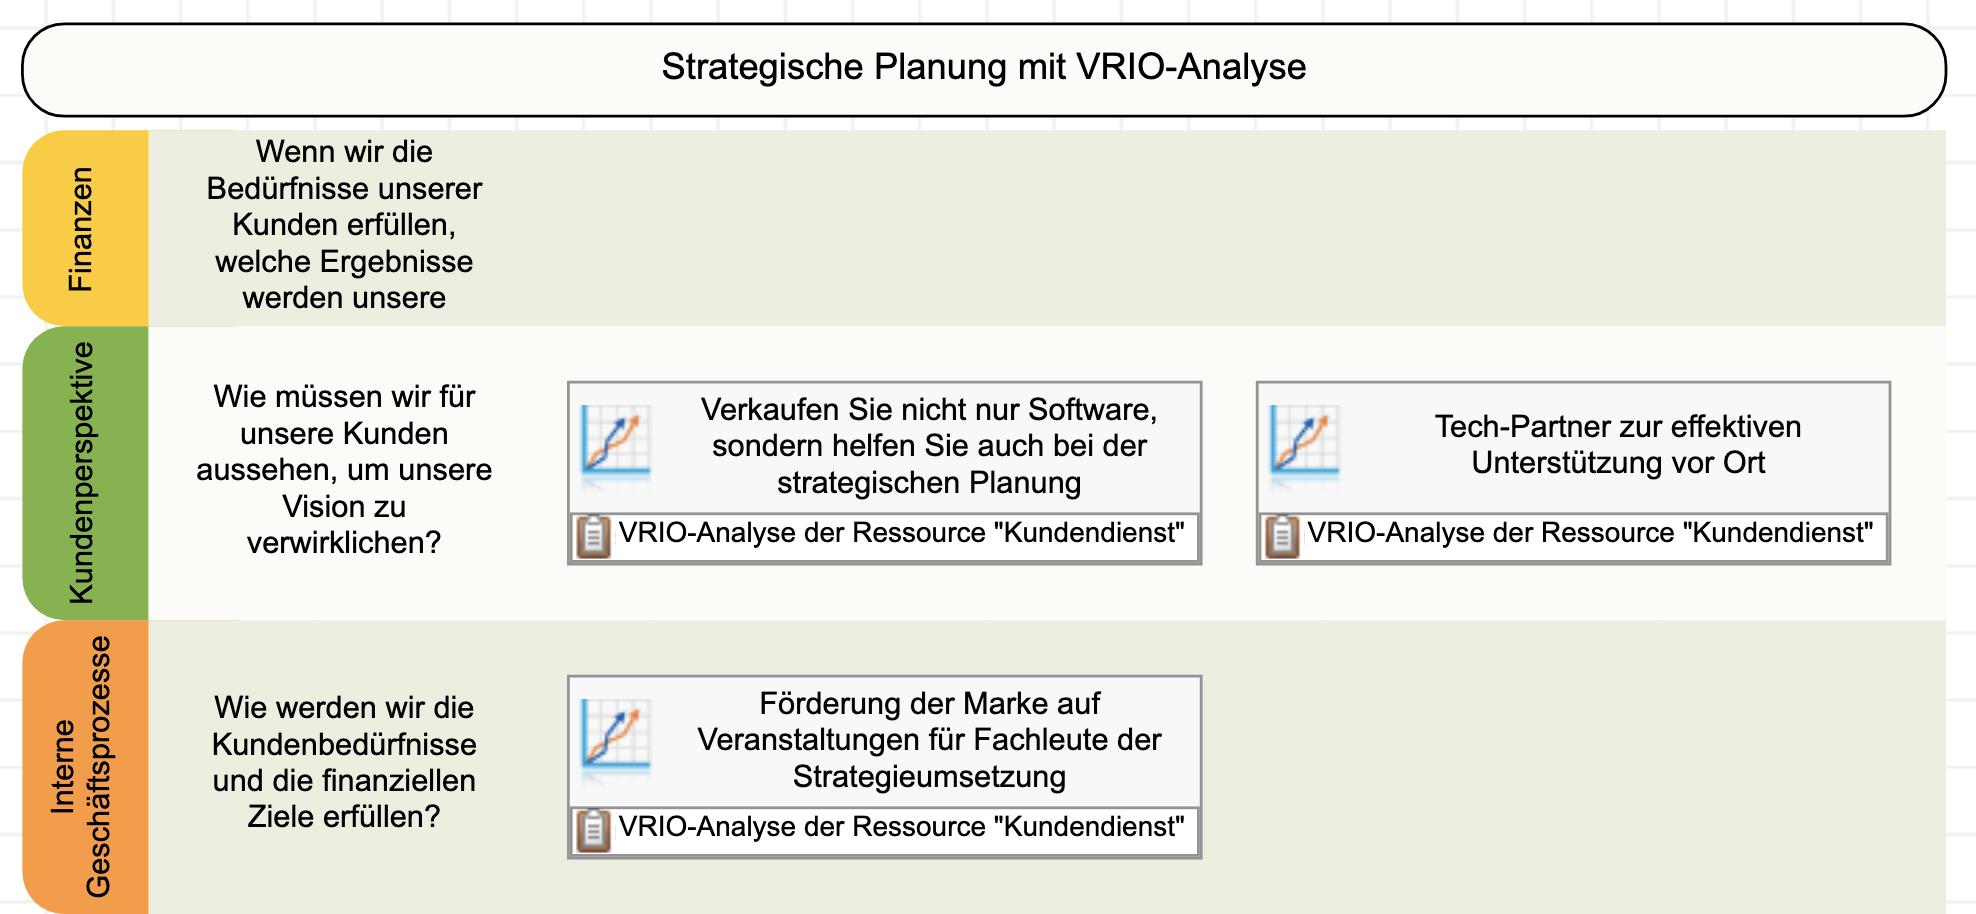 Ergebnisse der VRIO-Analyse in der internen Perspektive der Strategiekarte abgebildet